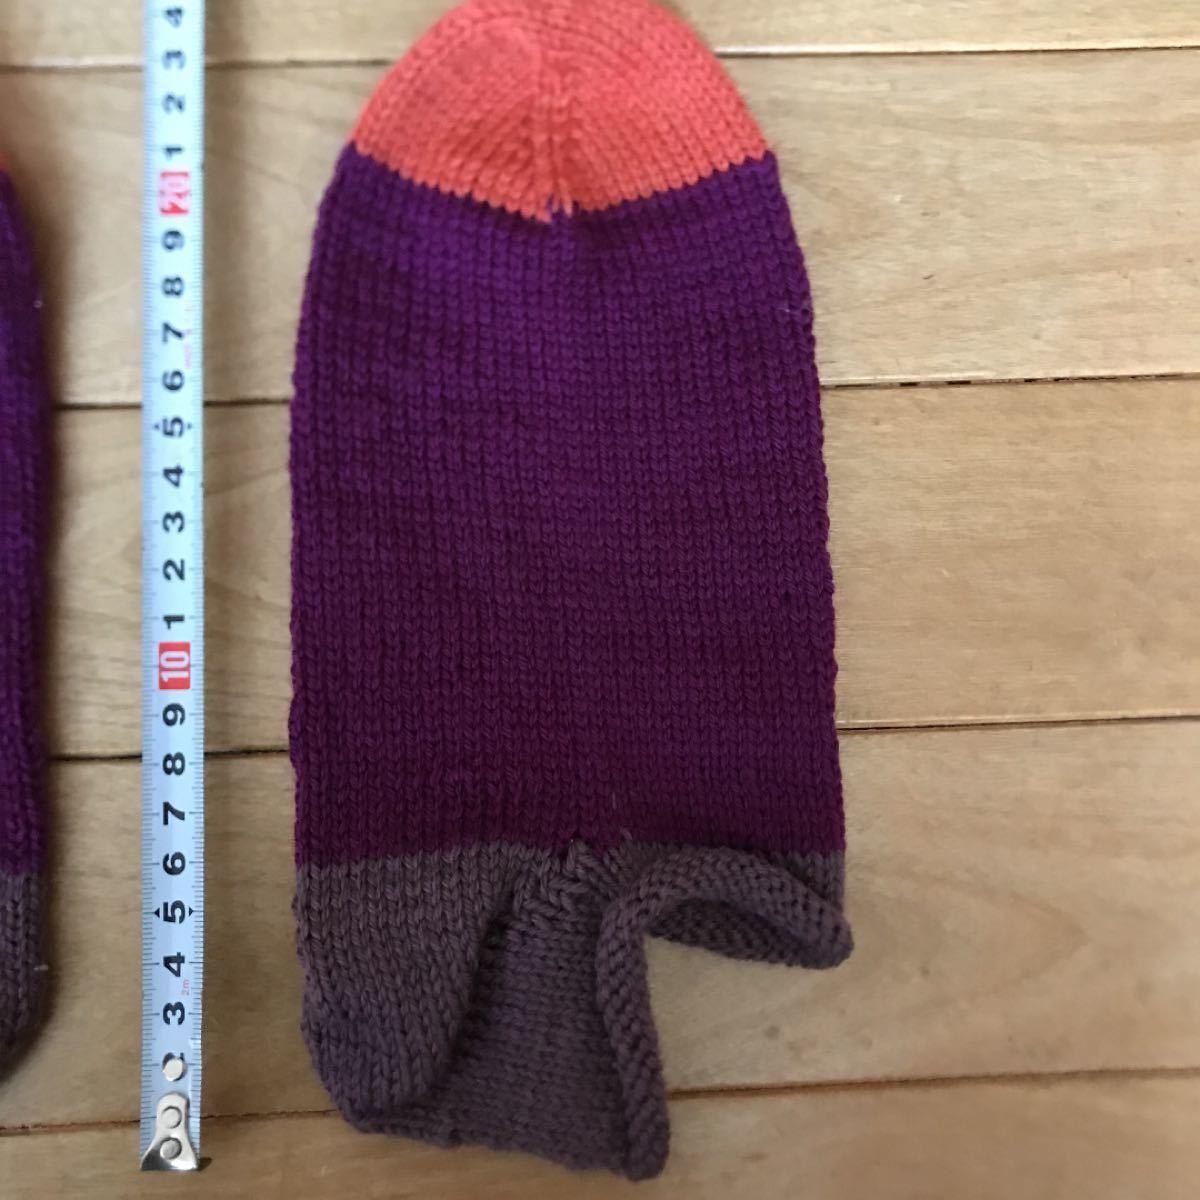 ハンドメイド 靴下 毛糸 手作り